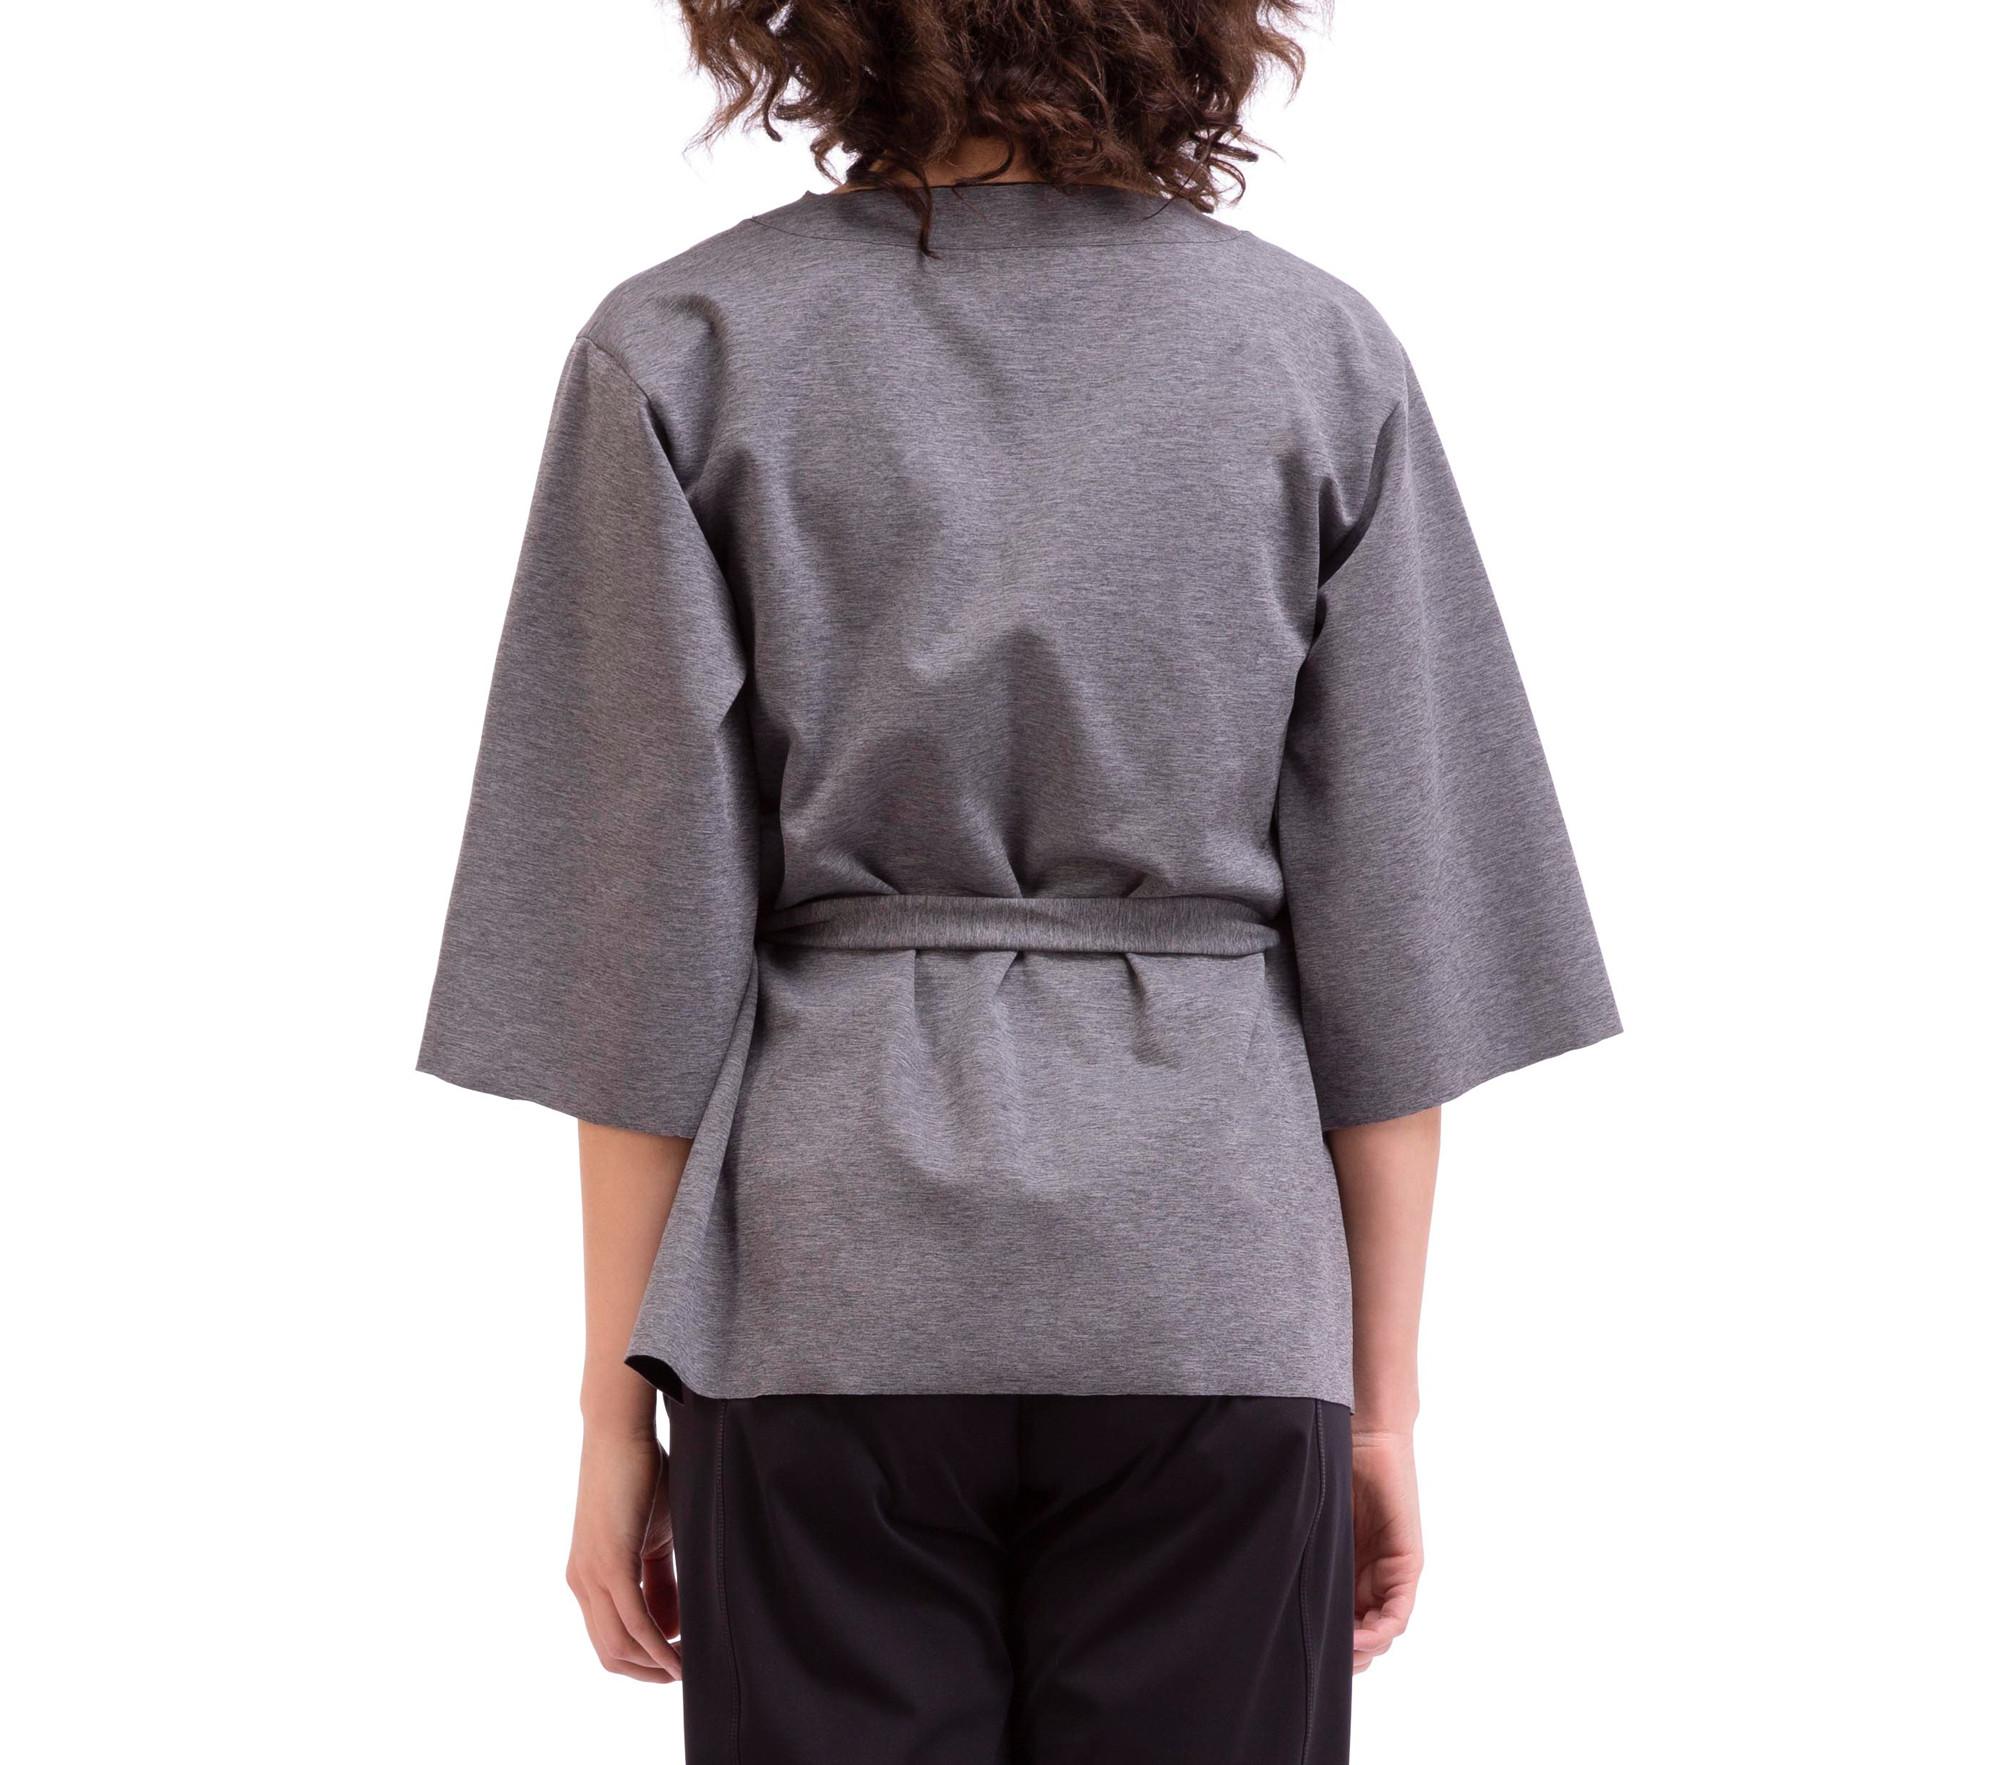 Sweatshirt aus Stretch-Strick, beidseitig